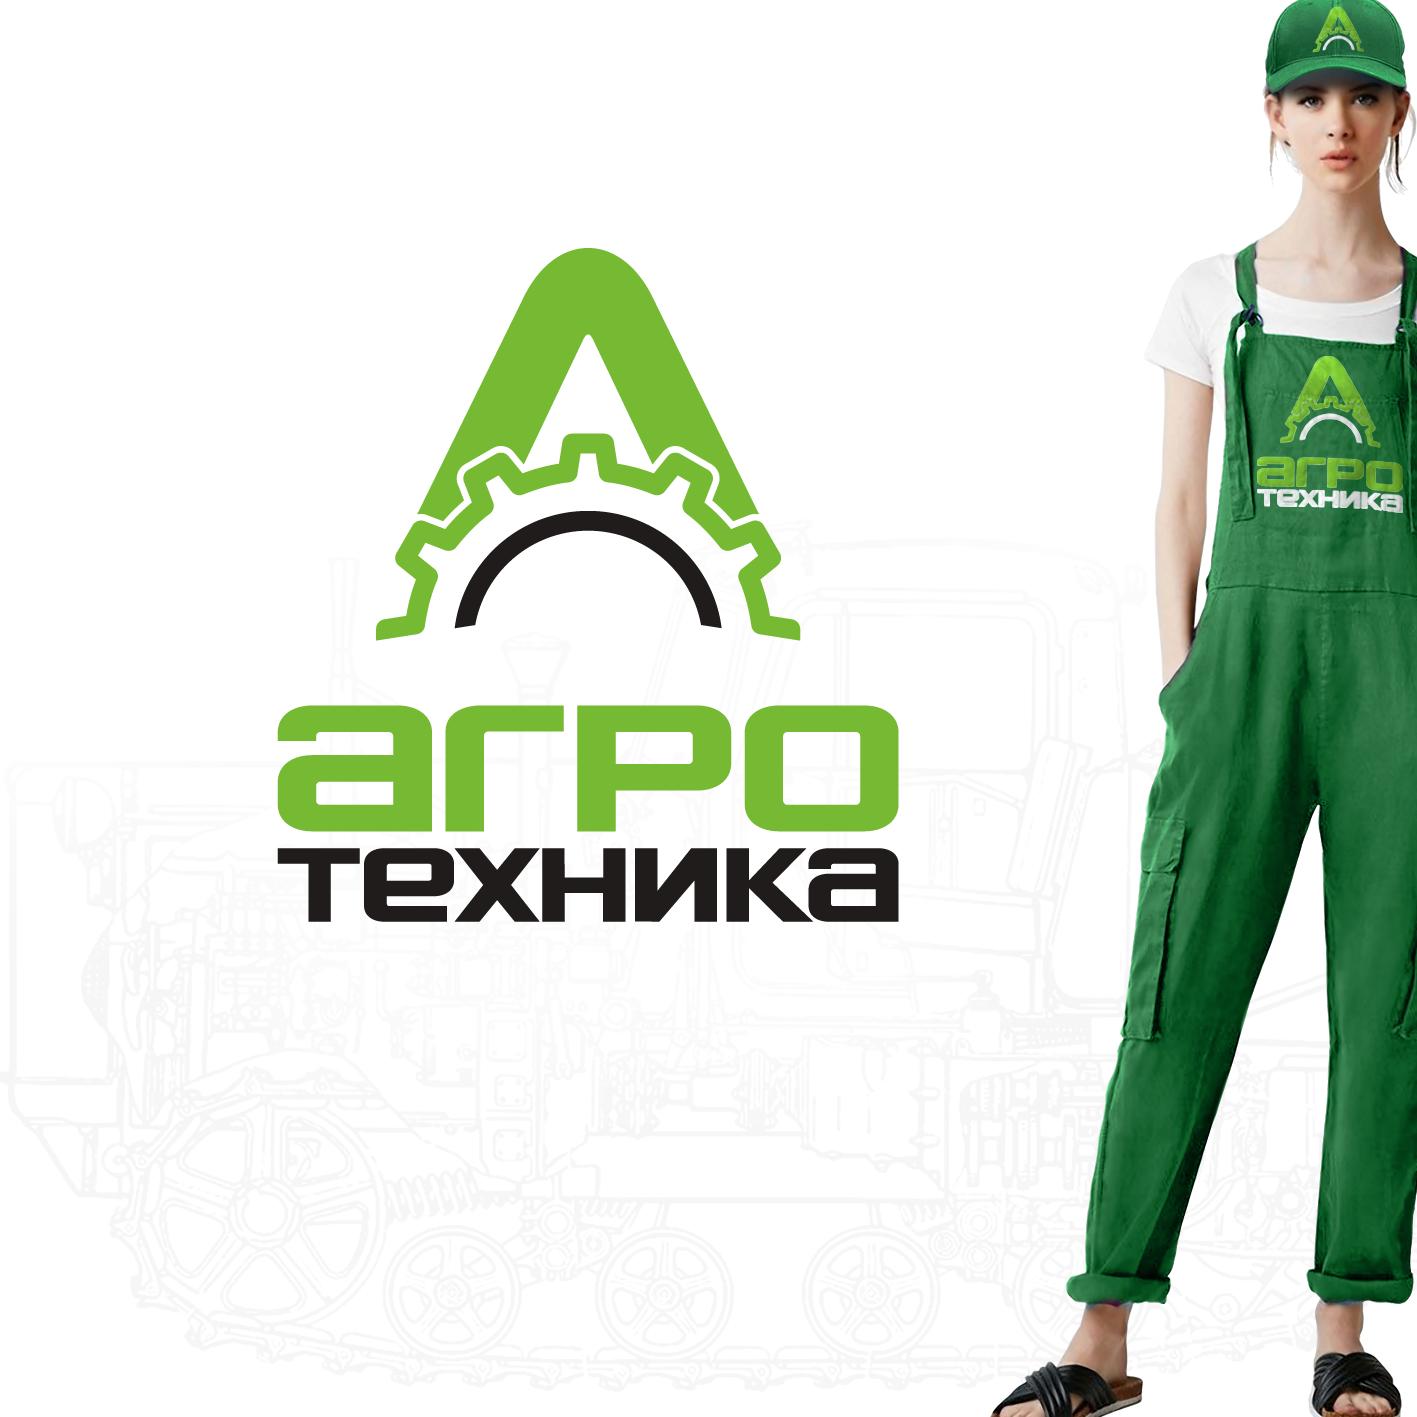 Разработка логотипа для компании Агротехника фото f_6315c07017b77db7.png